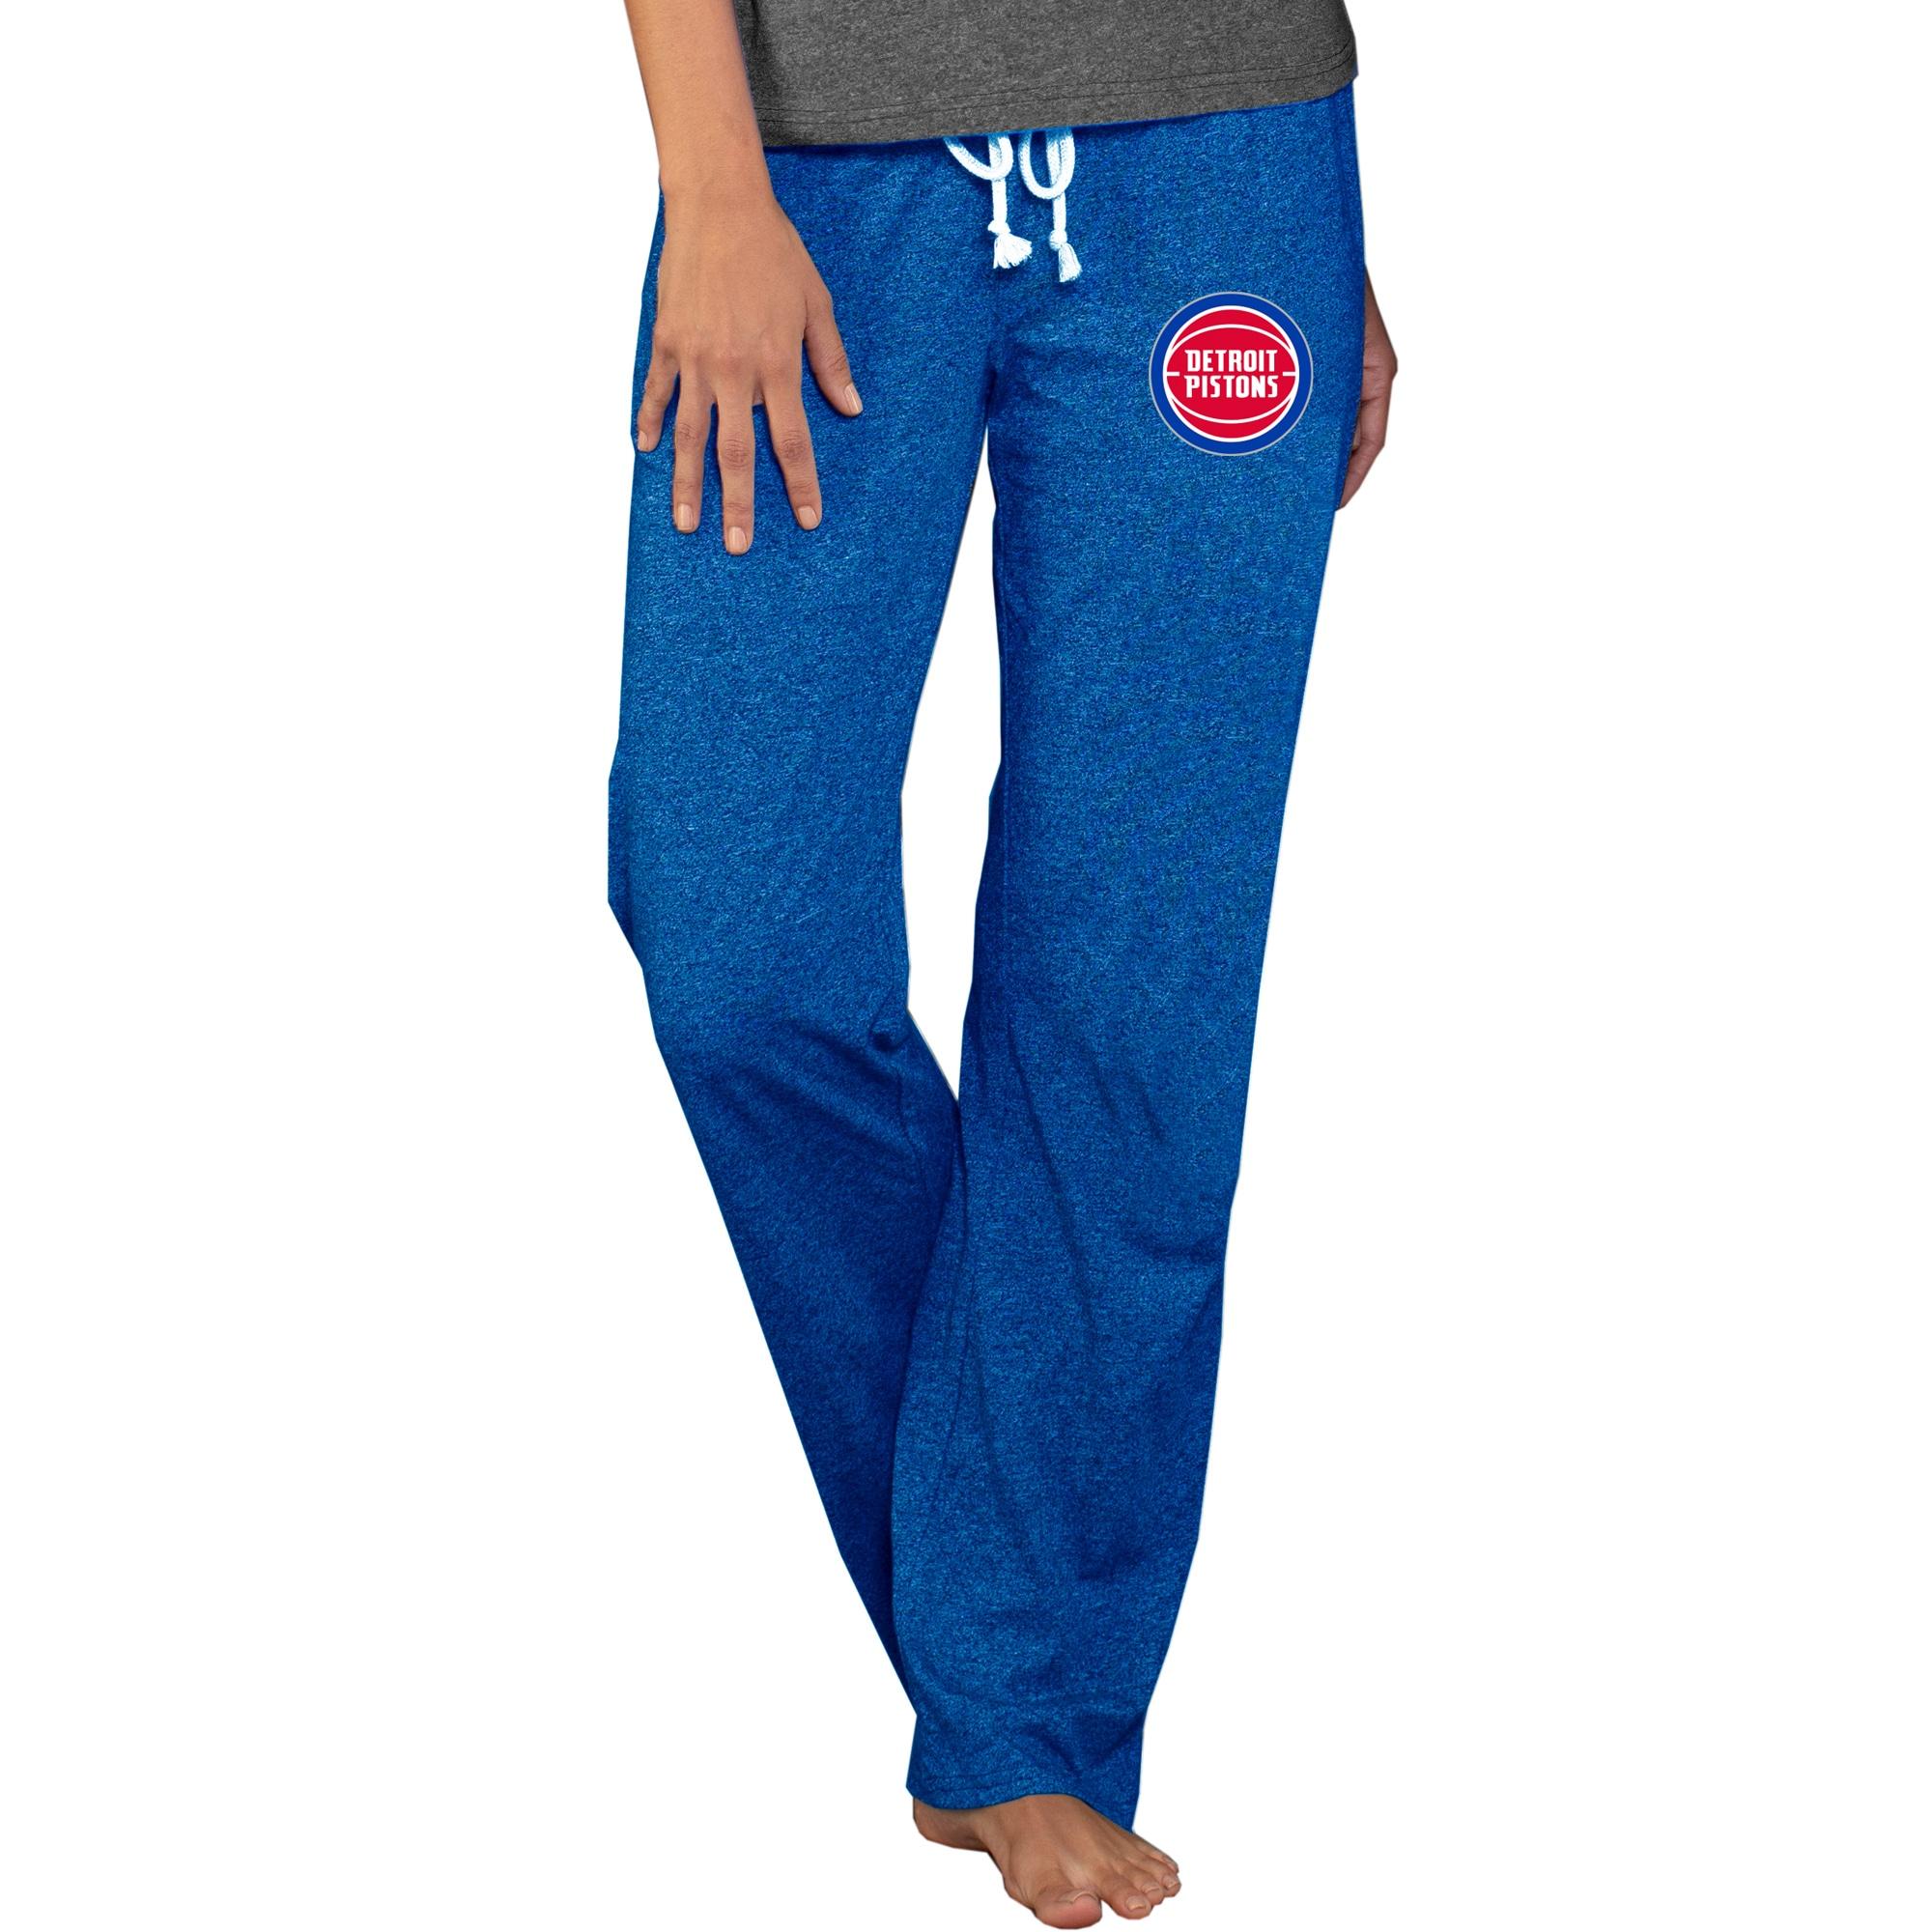 Detroit Pistons Concepts Sport Women's Quest Knit Pants - Royal